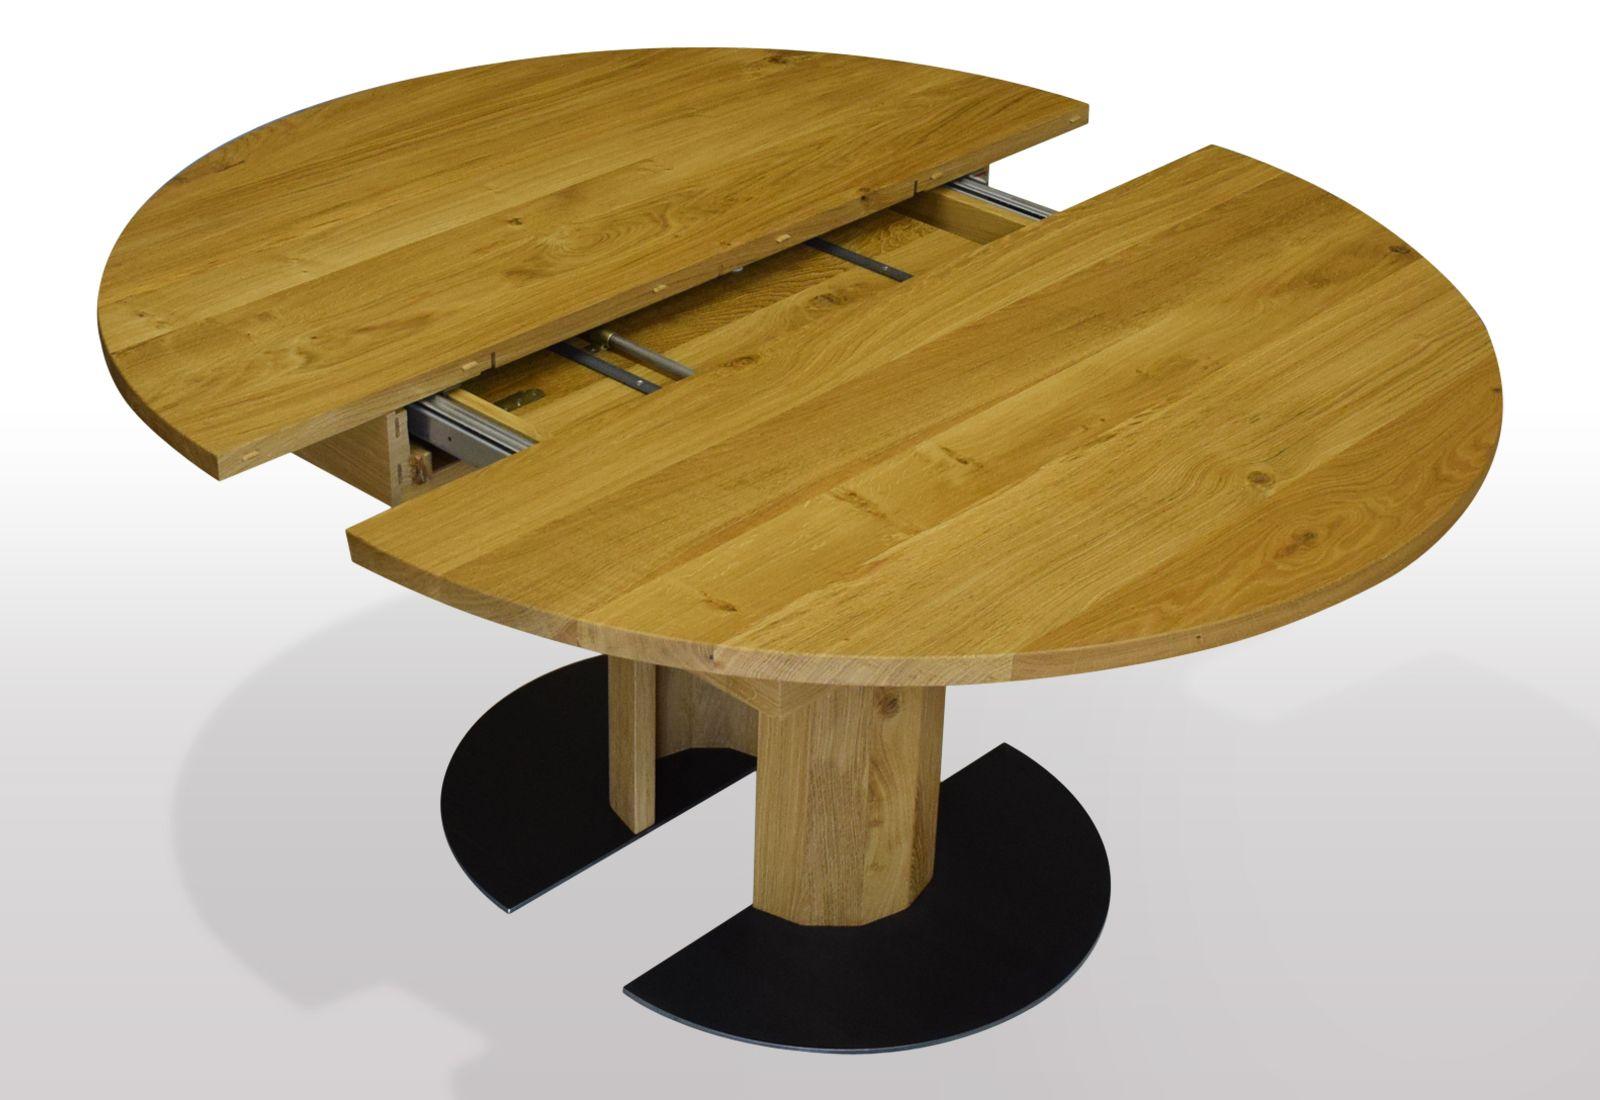 runder esstisch eiche massiv ausziehbar per mittelauszug um 50cm ausf hrung auf holzs ule mit. Black Bedroom Furniture Sets. Home Design Ideas